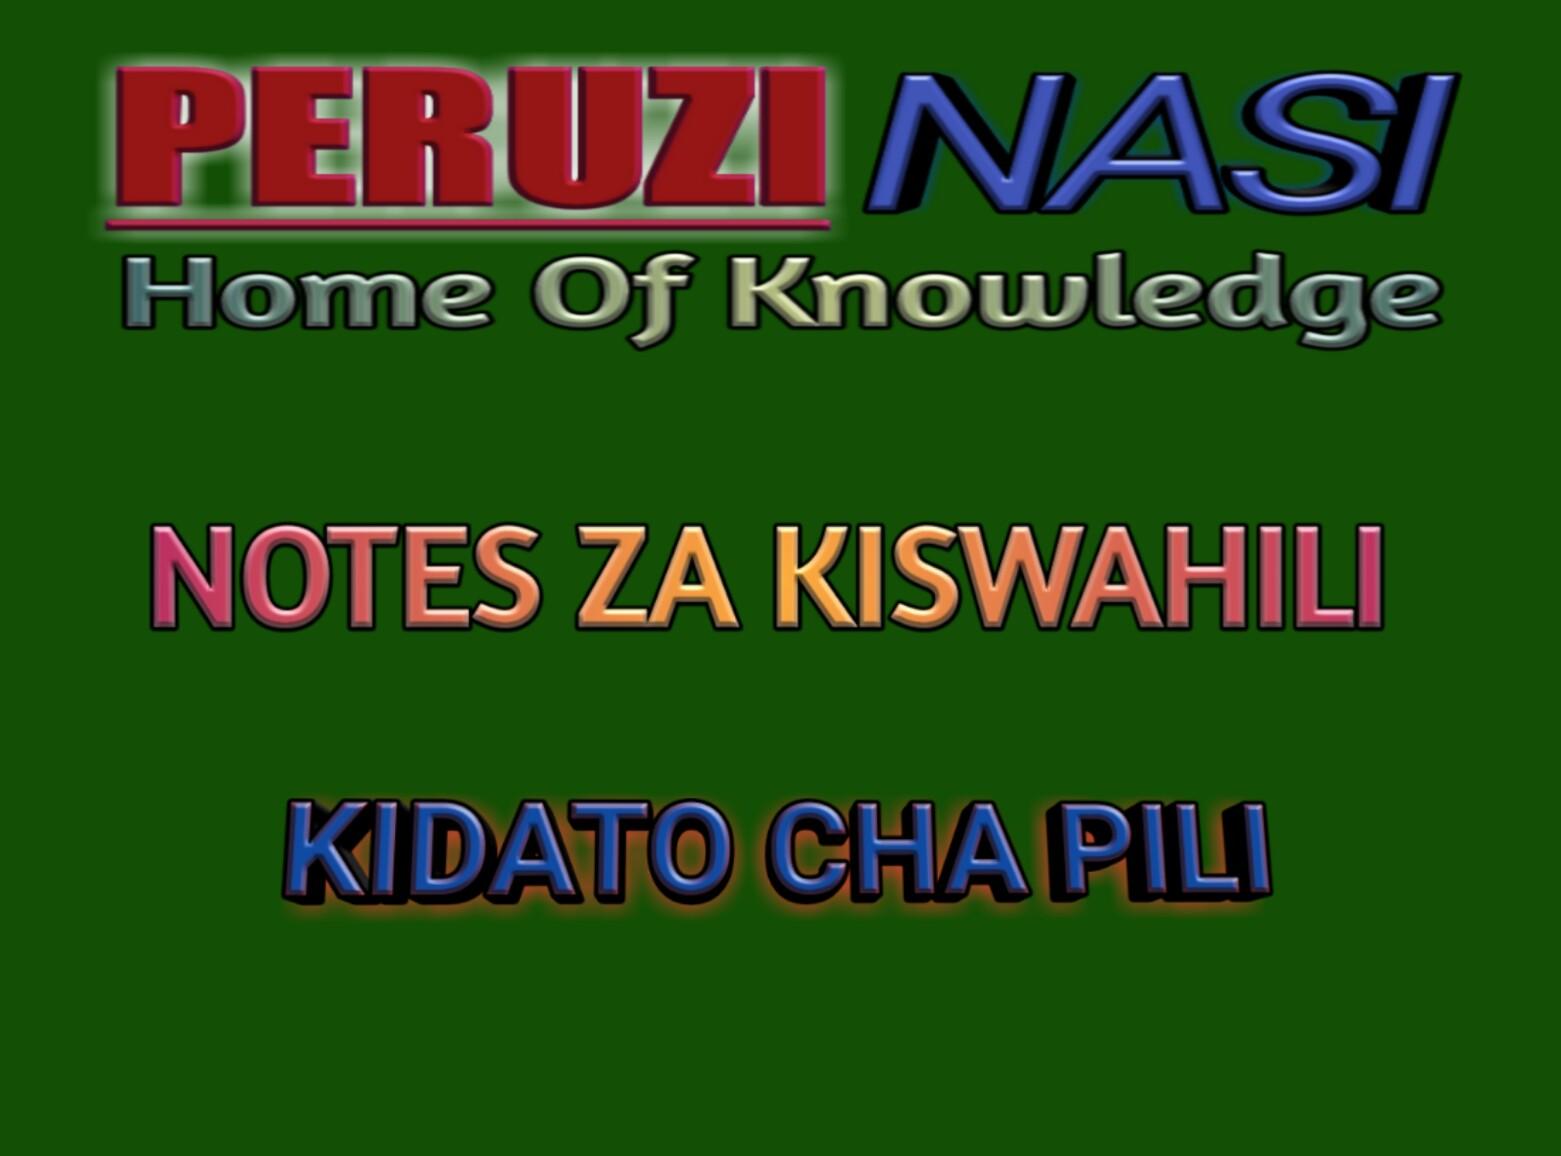 NOTES ZA KISWAHILI KIDATO CHA PILI